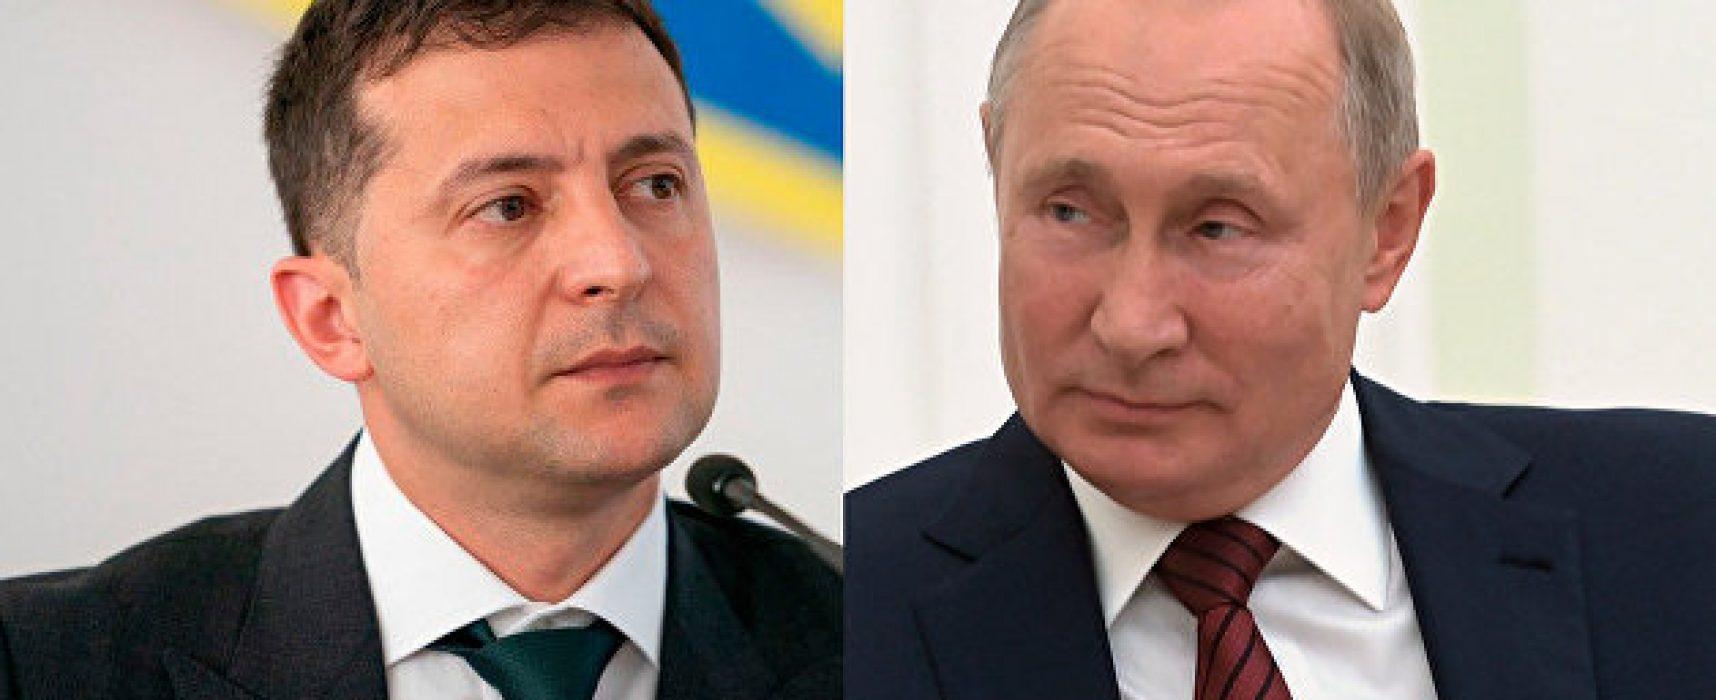 Игорь Яковенко: Украина отказалась от самоубийства. Россия возмущена